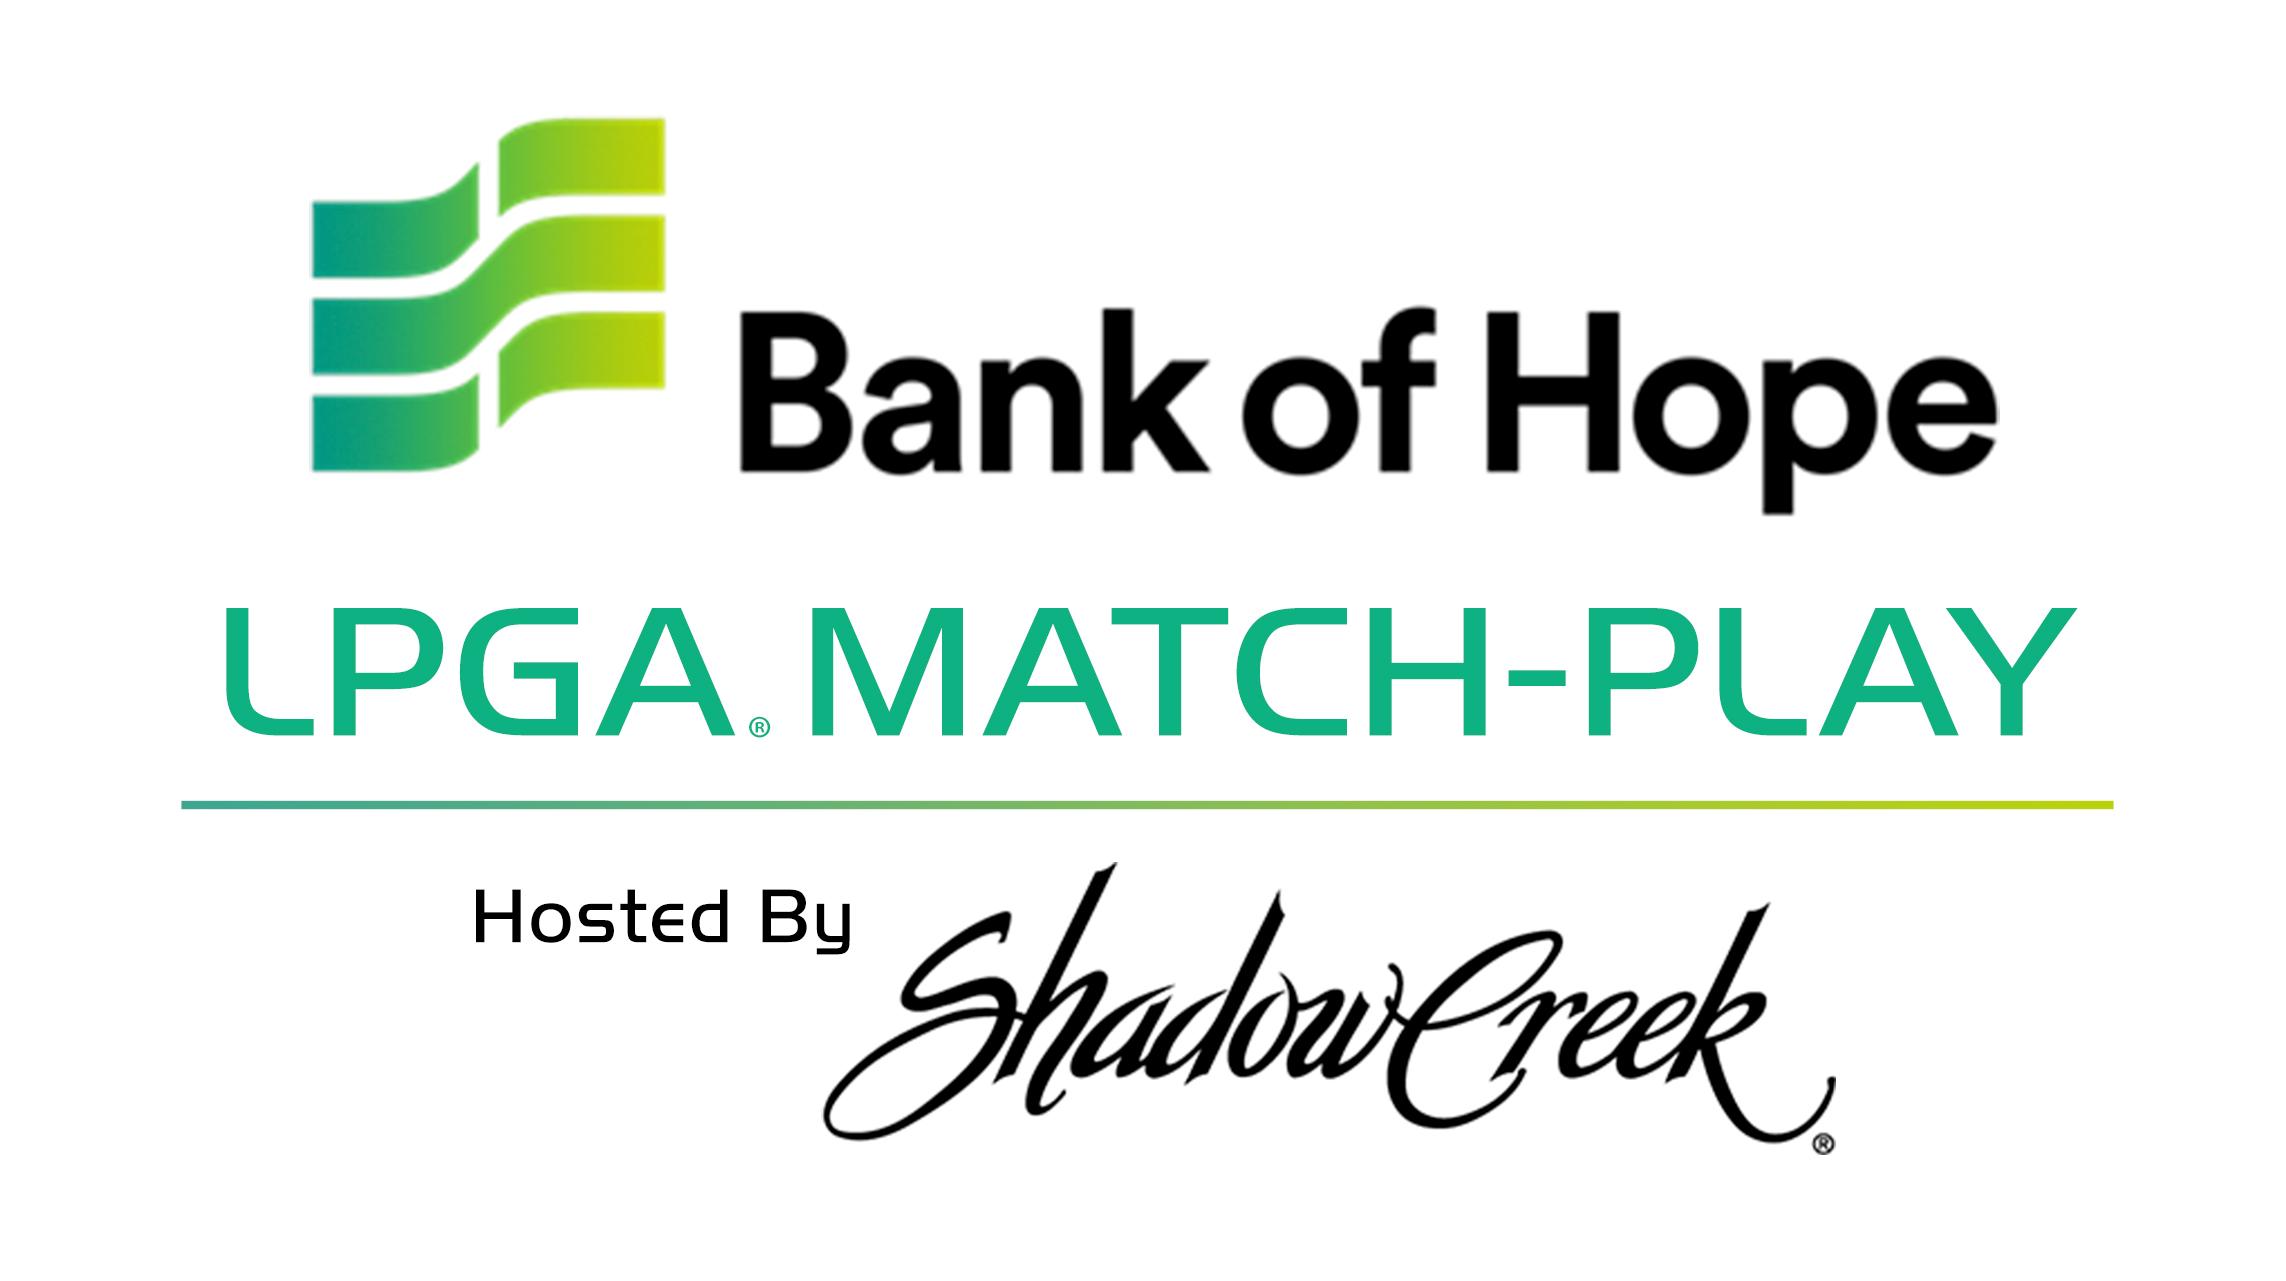 sas21-logomu—bank-of-hope-match-play-at-shadow-creek—v5